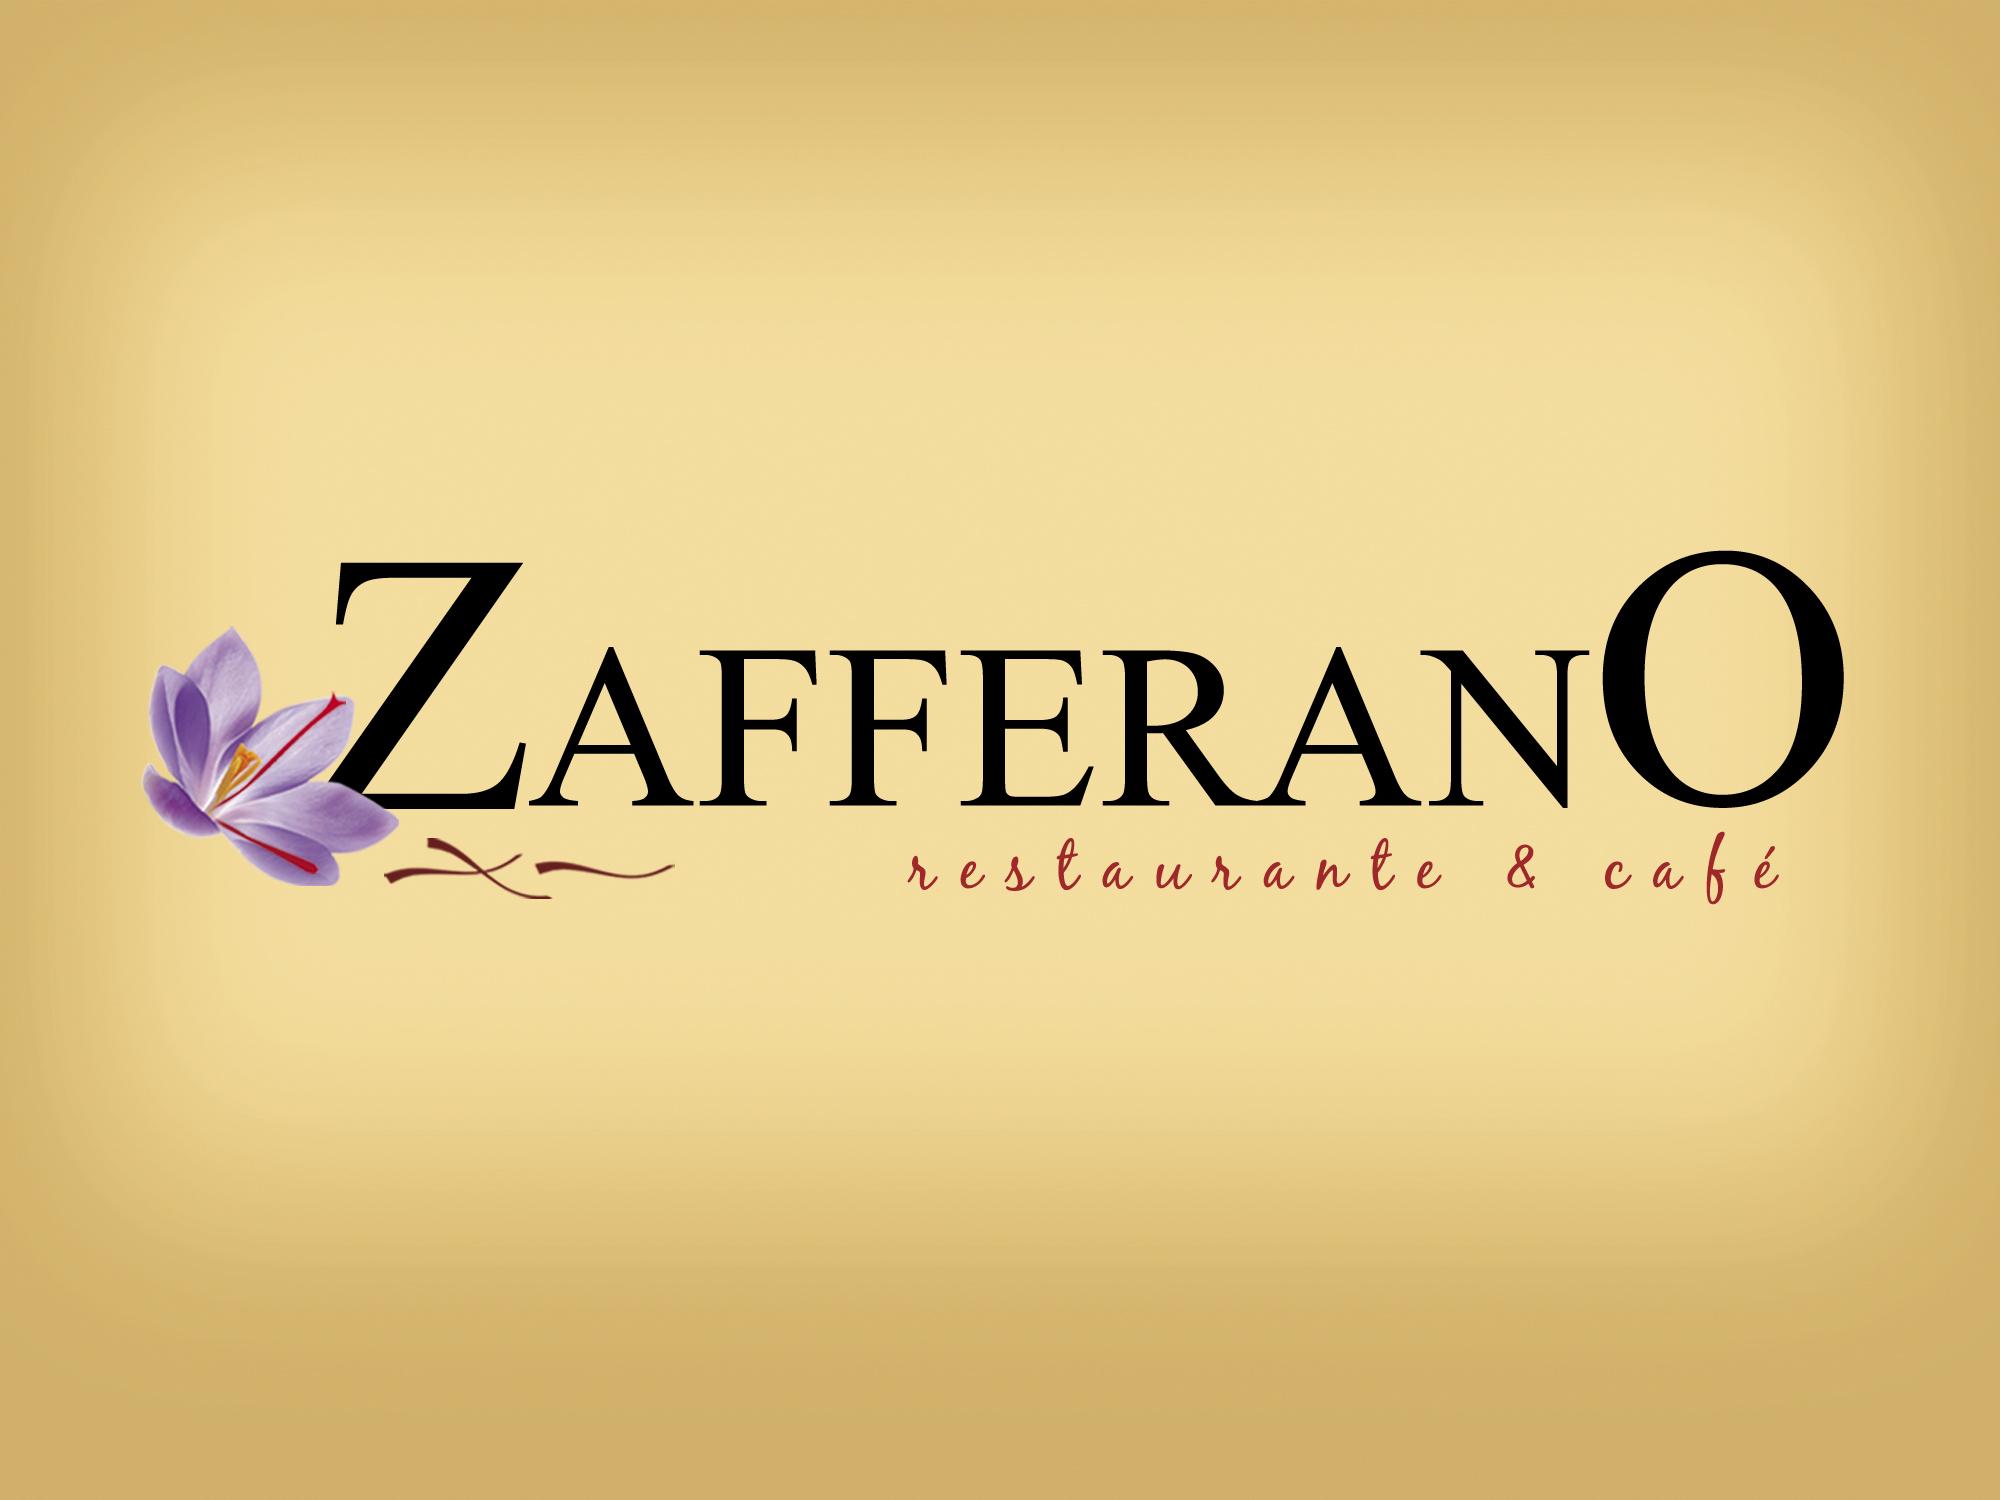 ZAFFERANO RISTORANTE